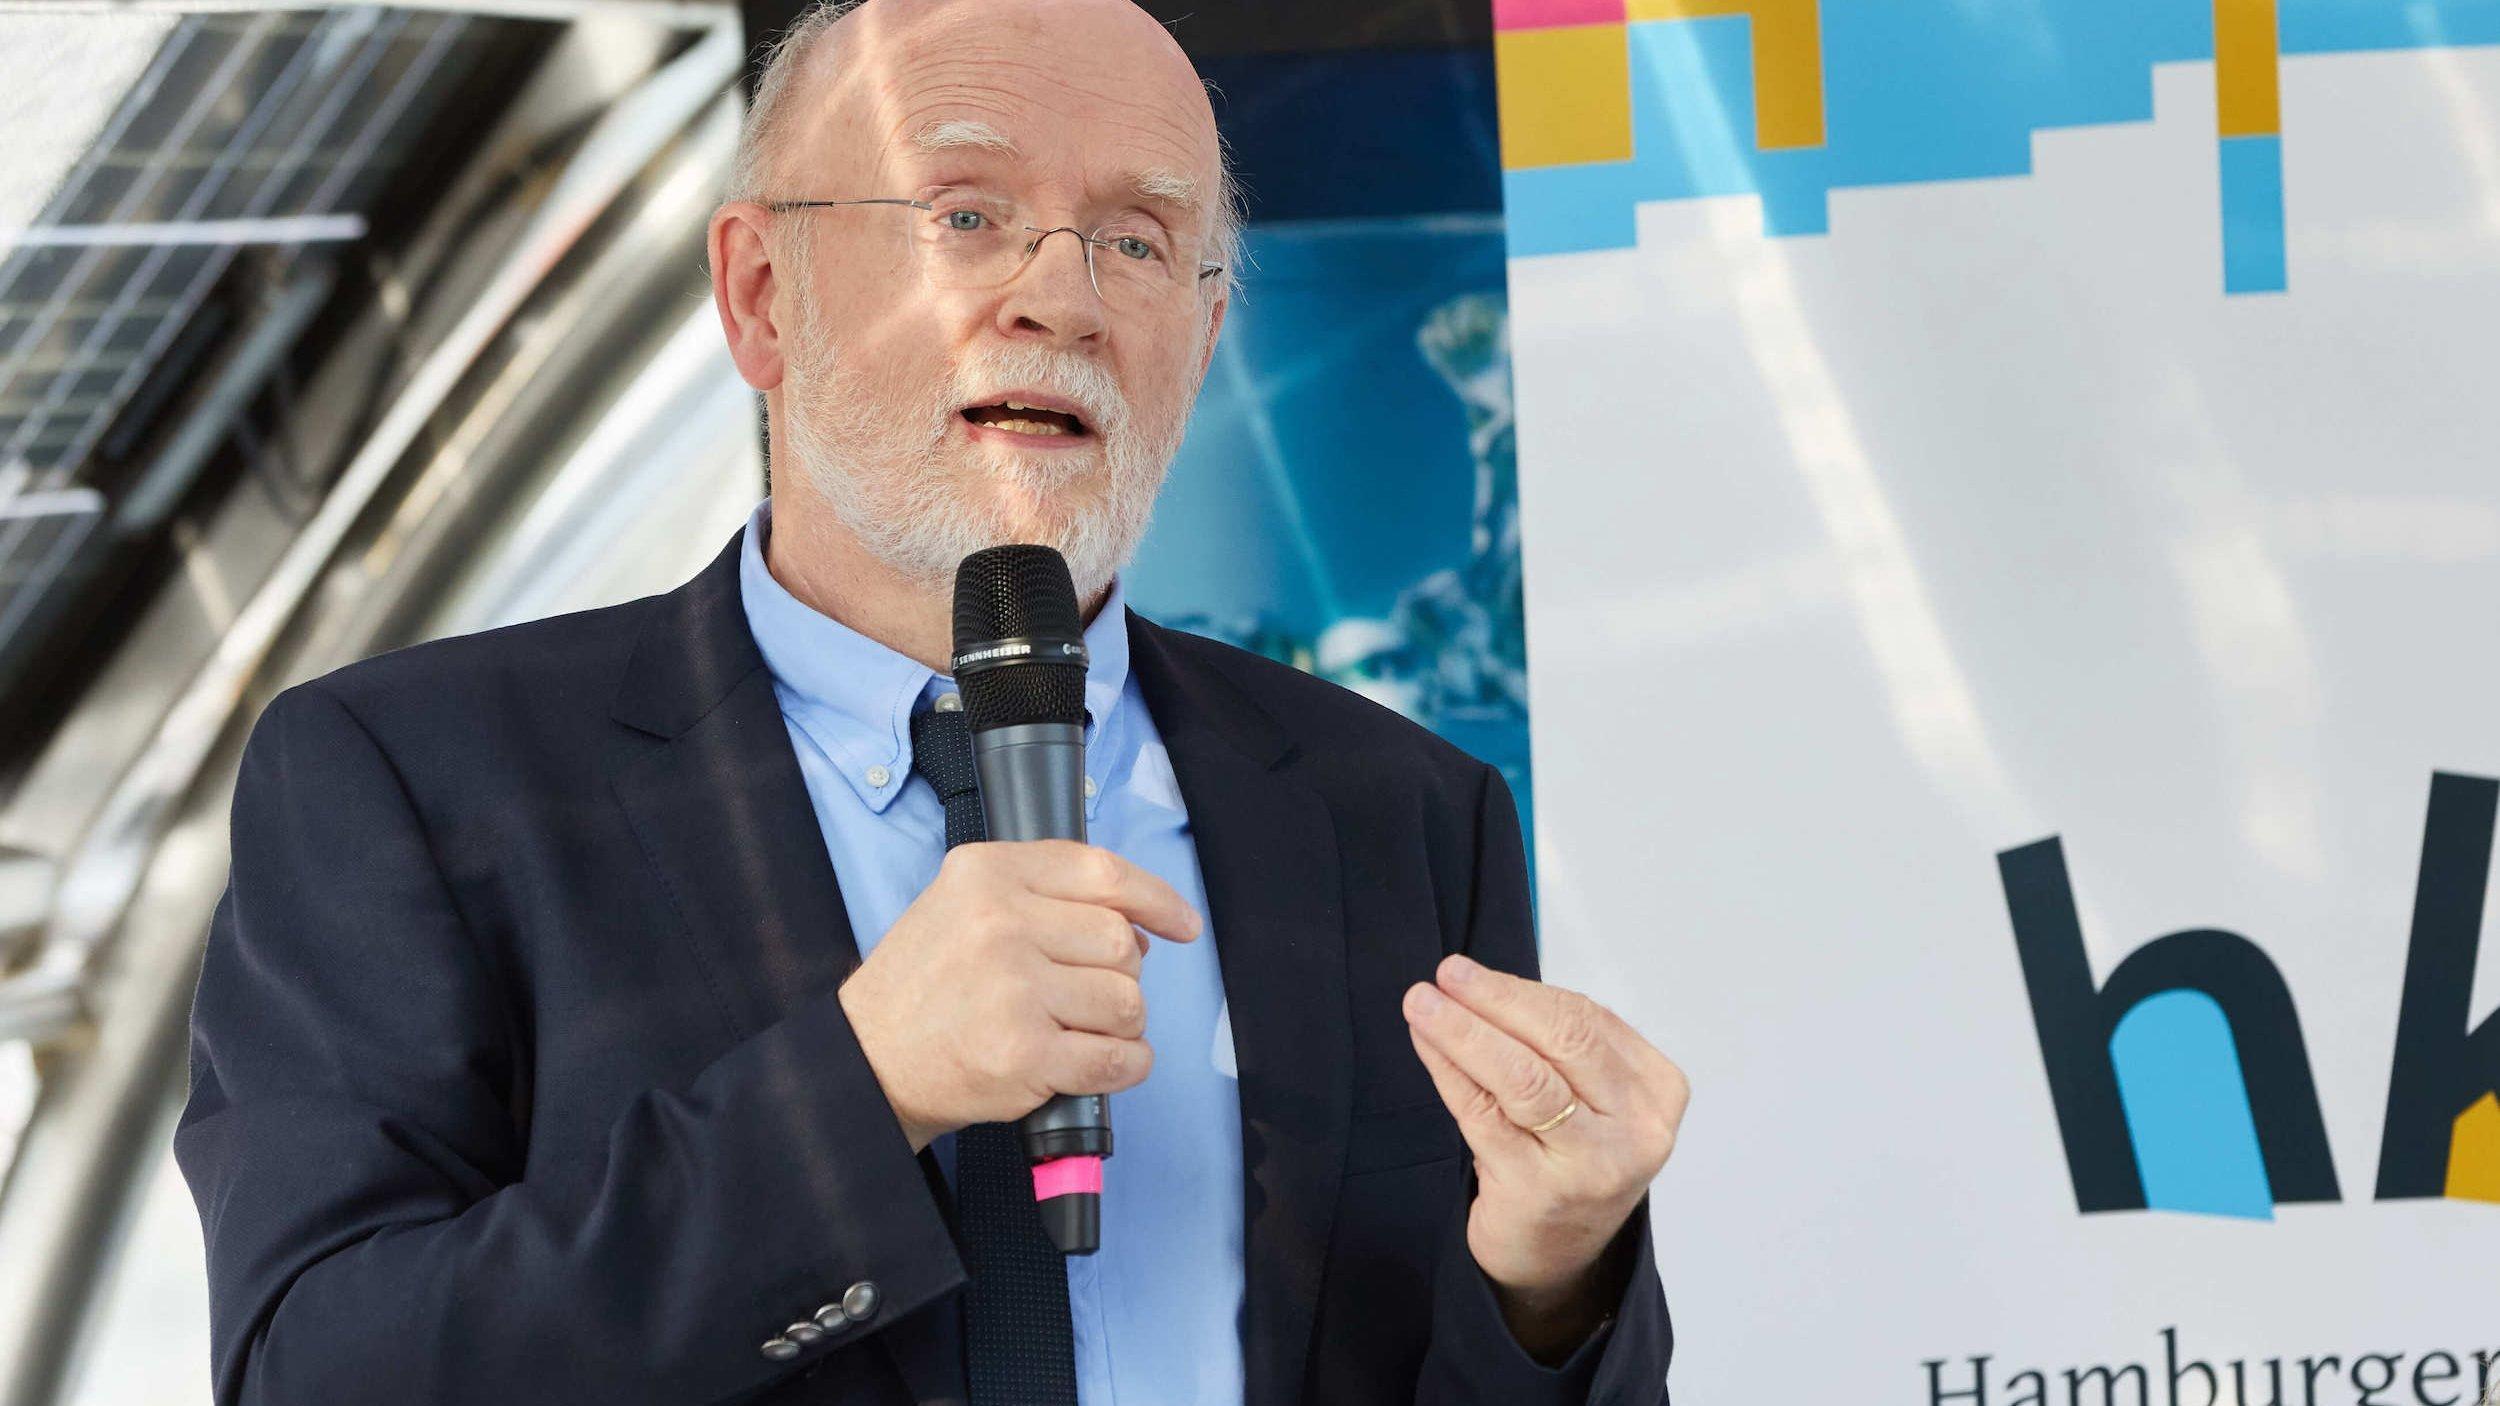 24.09.2018, Hamburg: Hans-Otto Pörtner, Co-Vorsitzender der Arbeitsgruppe 2des Weltklimarates, spricht während einer Pressekonferenz zur Klimawoche auf dem Solarschiff «Alstersonne» am Jungfernstieg. Foto: Georg Wendt/dpa